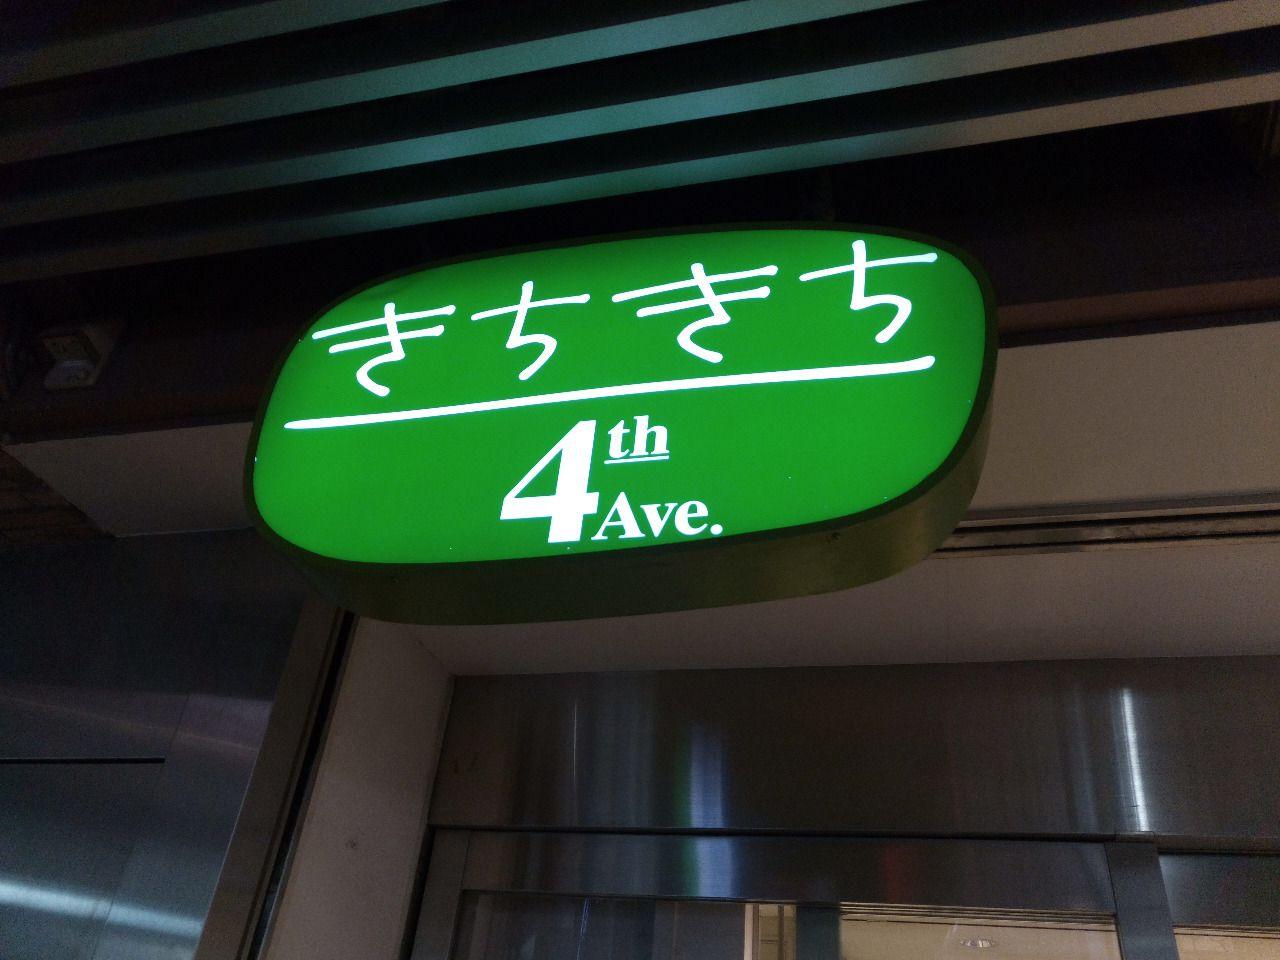 JR中央線の吉祥寺アトレにはきちきちという通りの名前が付いています